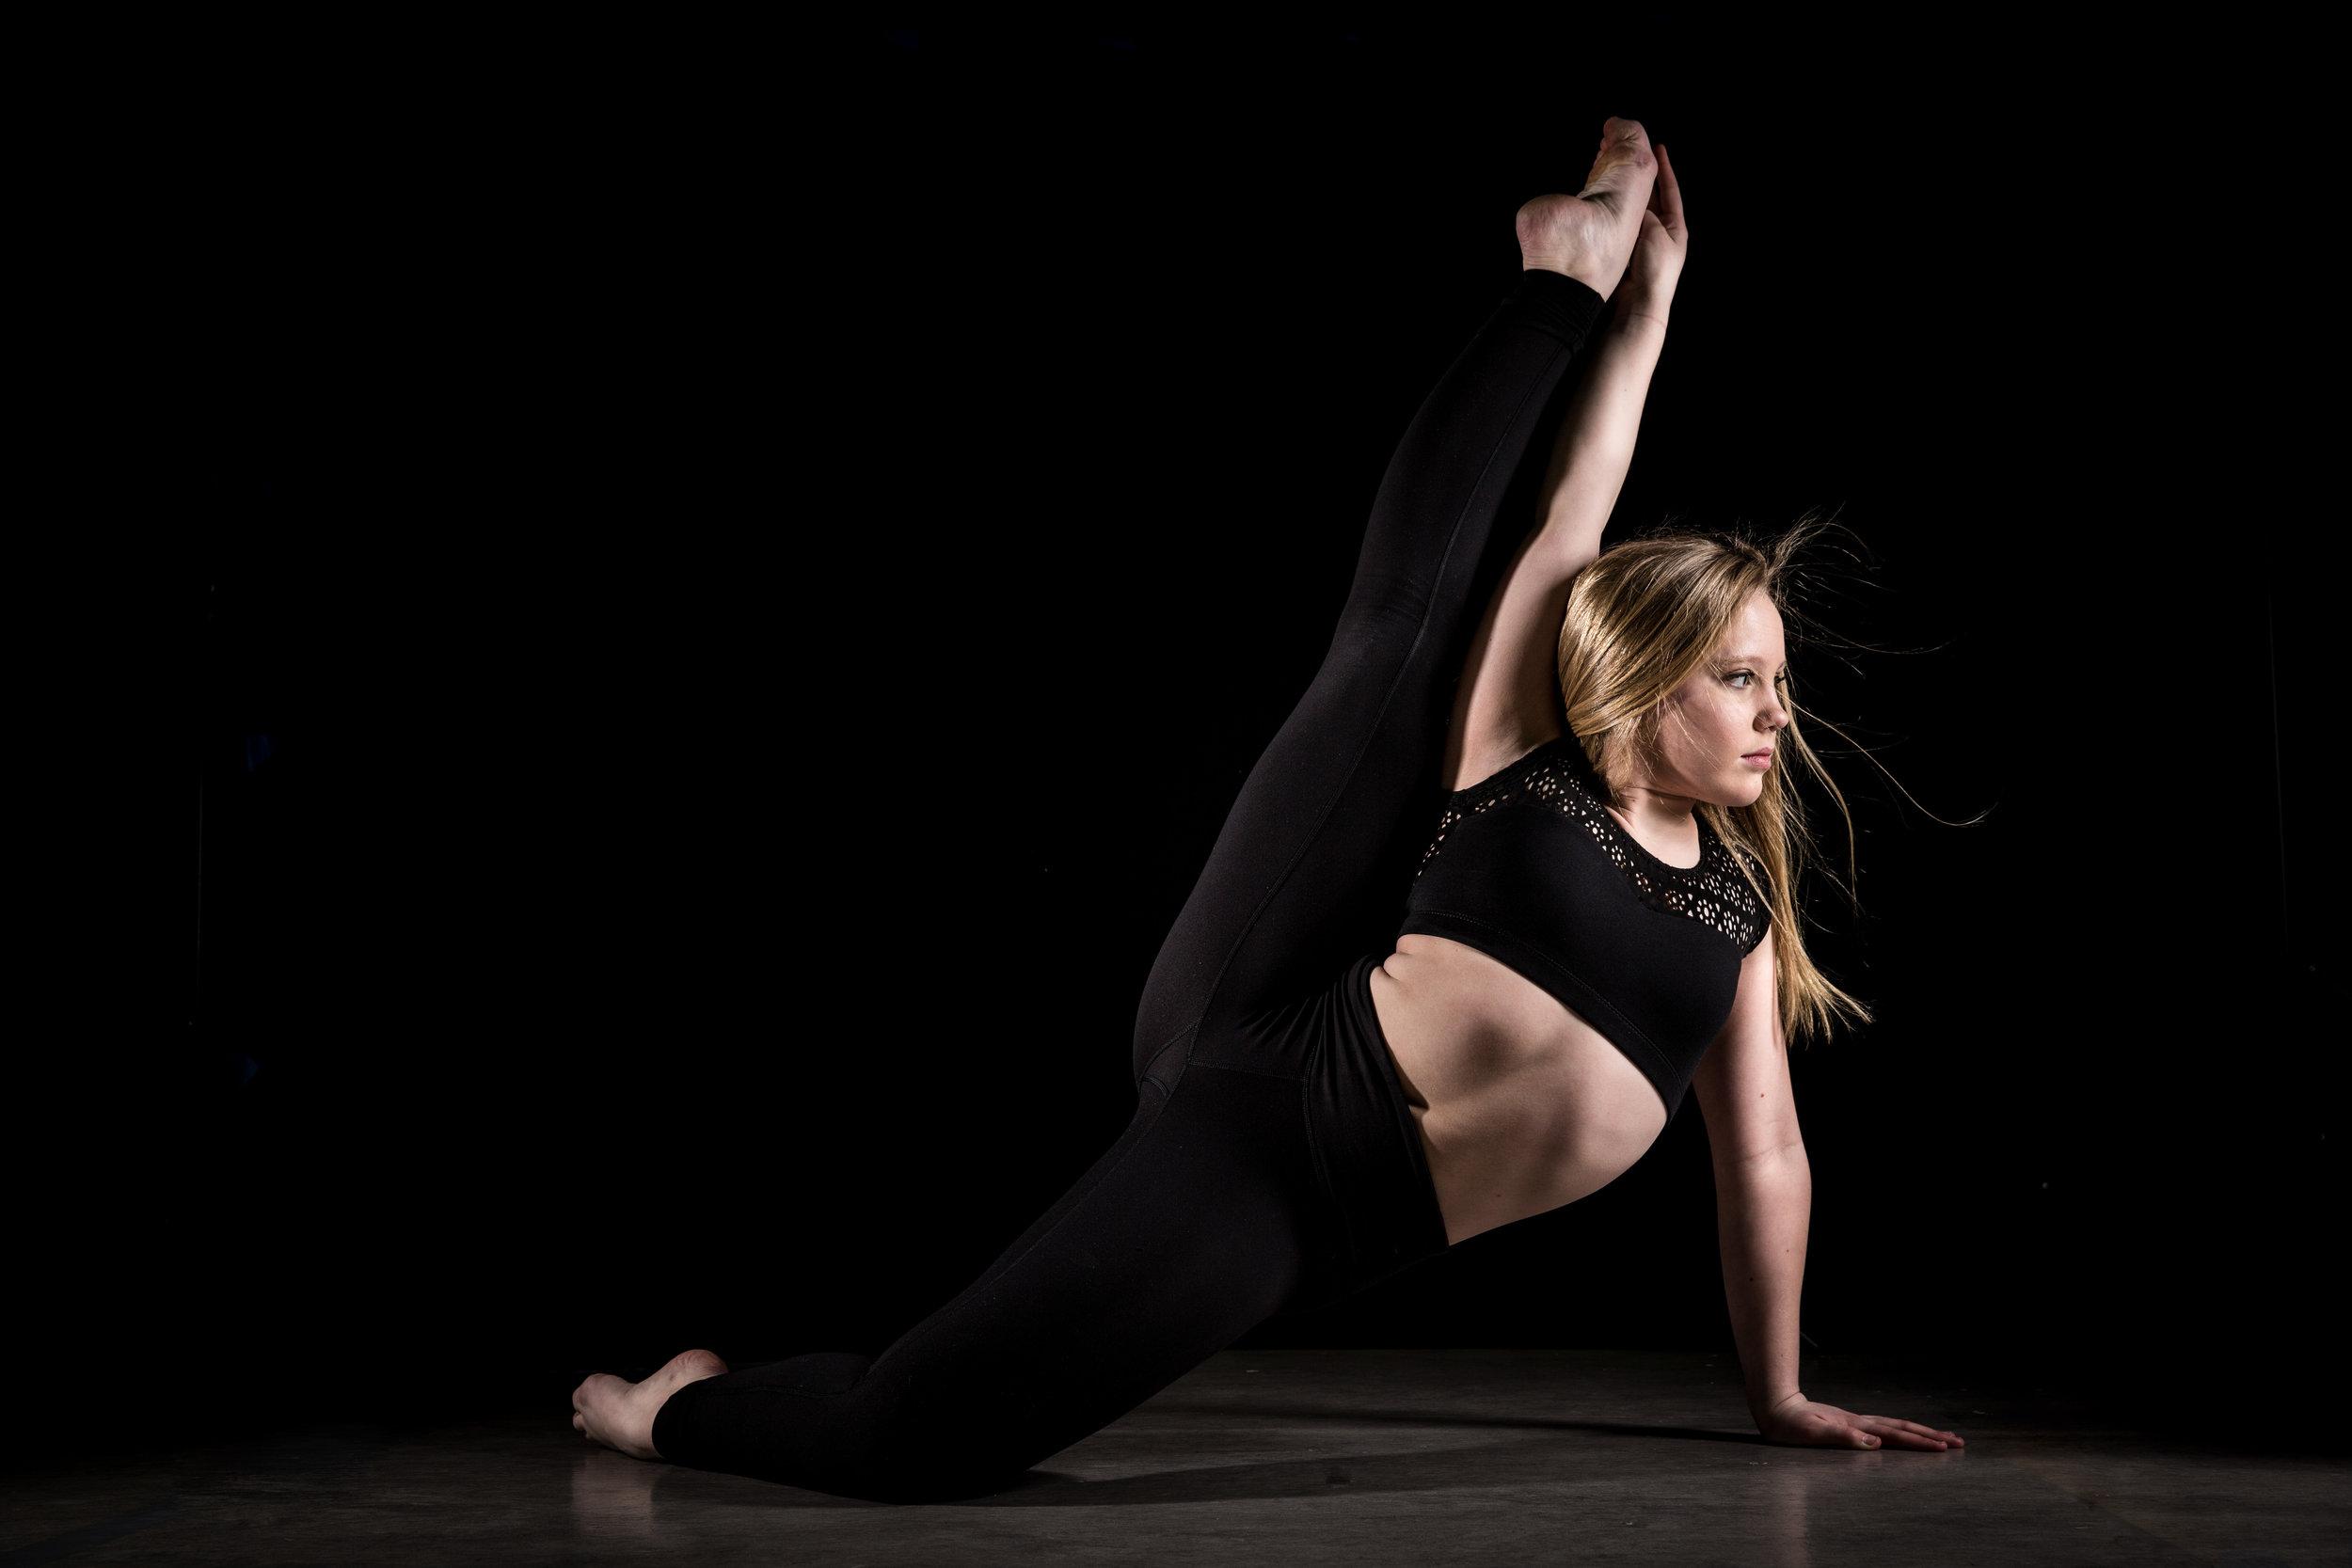 LR_Express_Dancer_Series-6.jpg